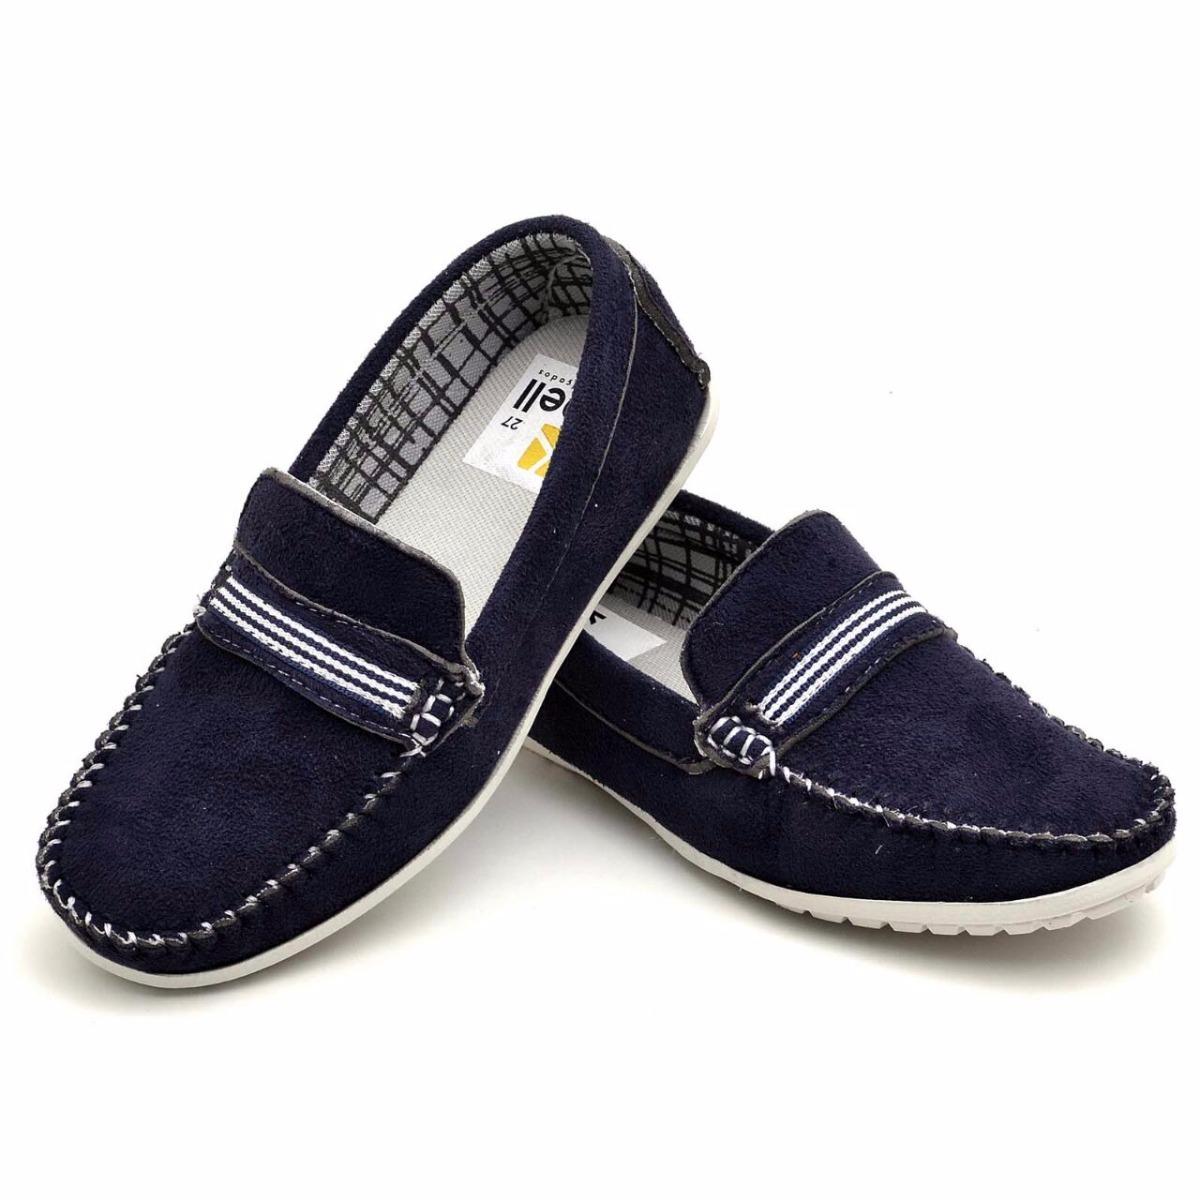 0286aaec3c sapato mocassim infantil   de criança masculino lindo festa. Carregando  zoom.